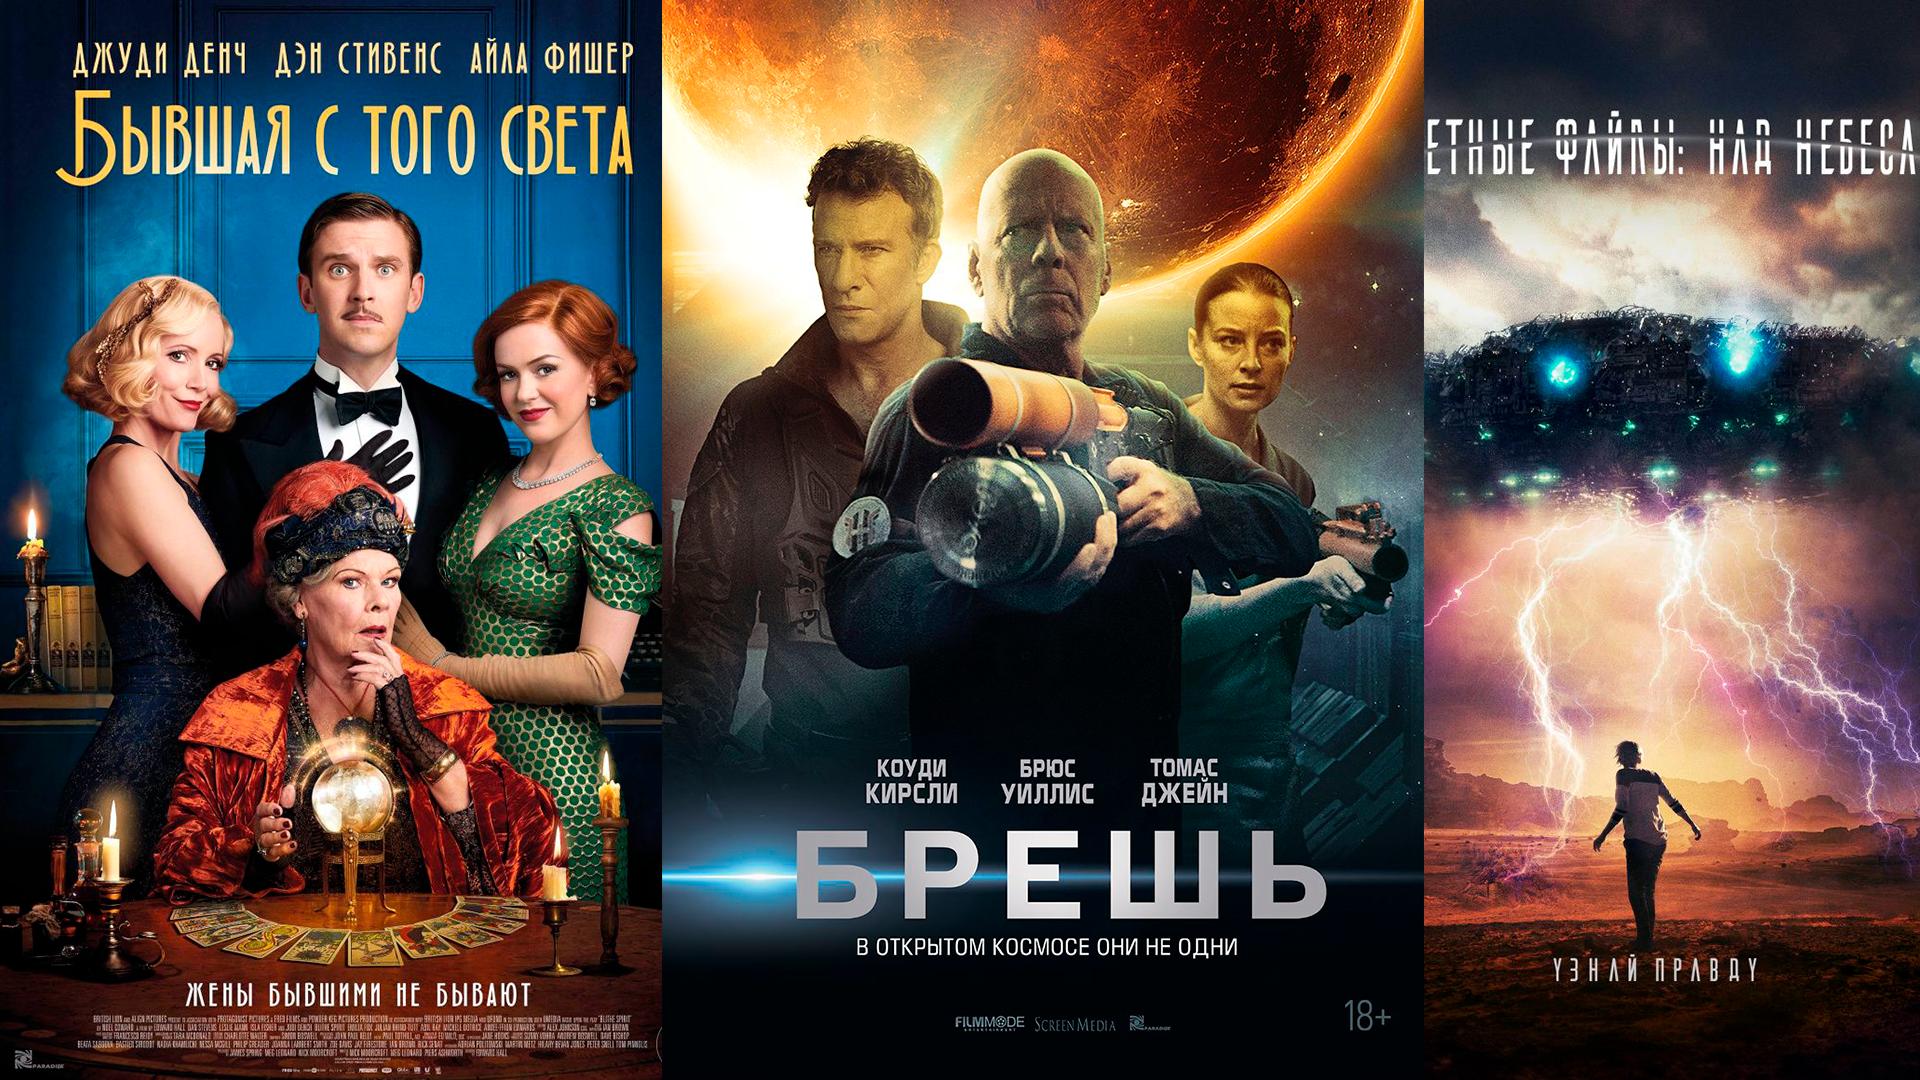 Фантастические фильмы 2020 декабрь